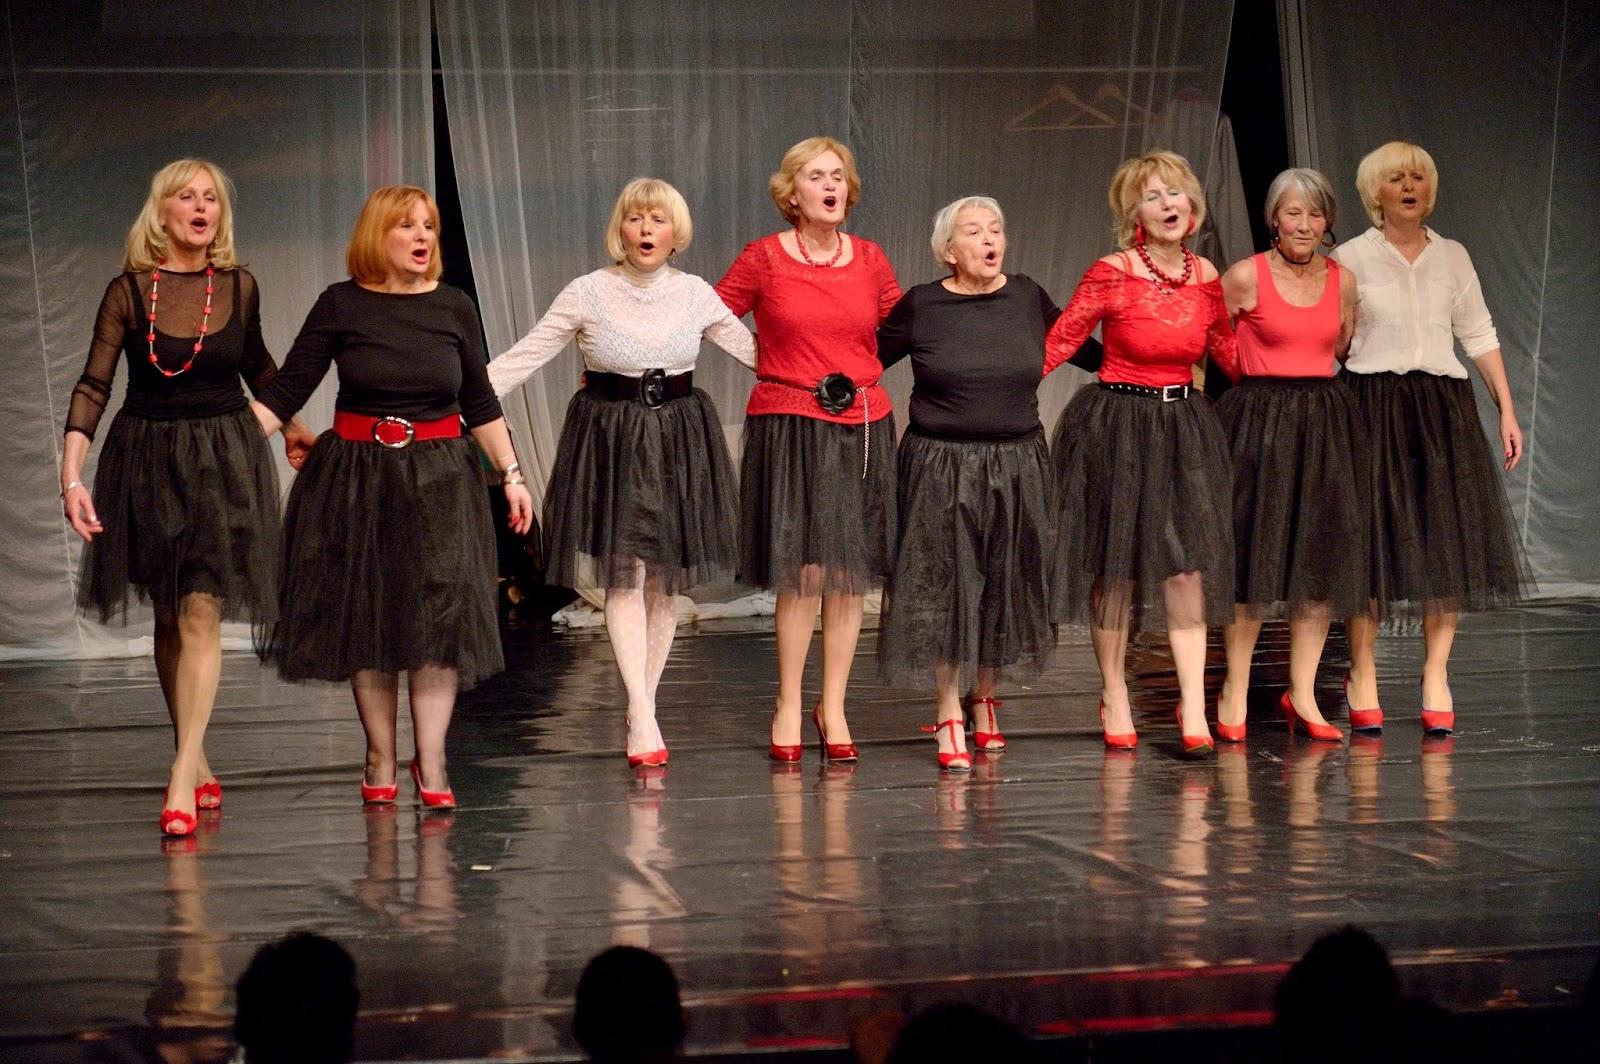 Plesni teatar Gospođe nastupa u Madlenianumu